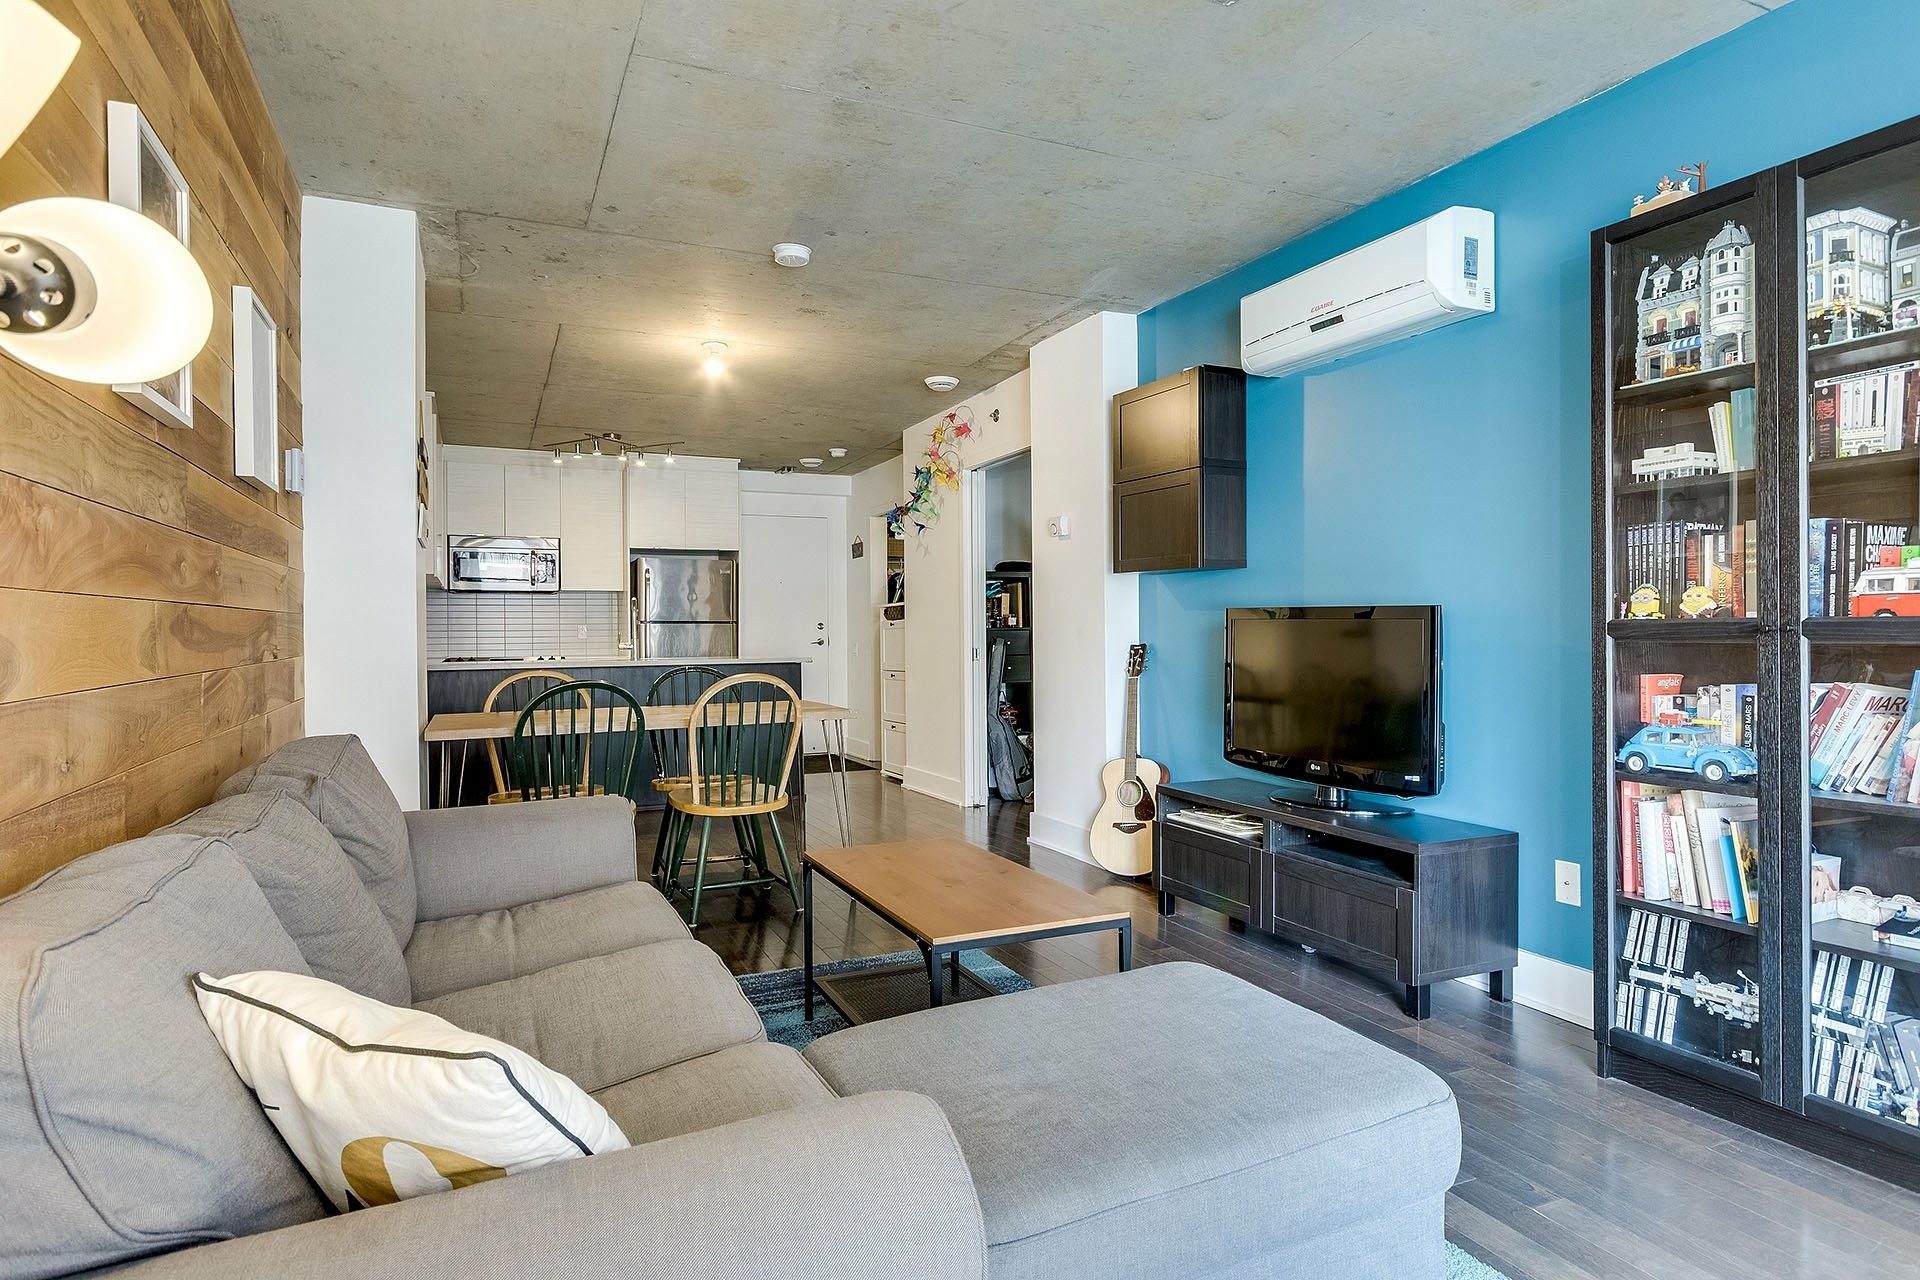 image 7 - Appartement À vendre Verdun/Île-des-Soeurs Montréal  - 5 pièces